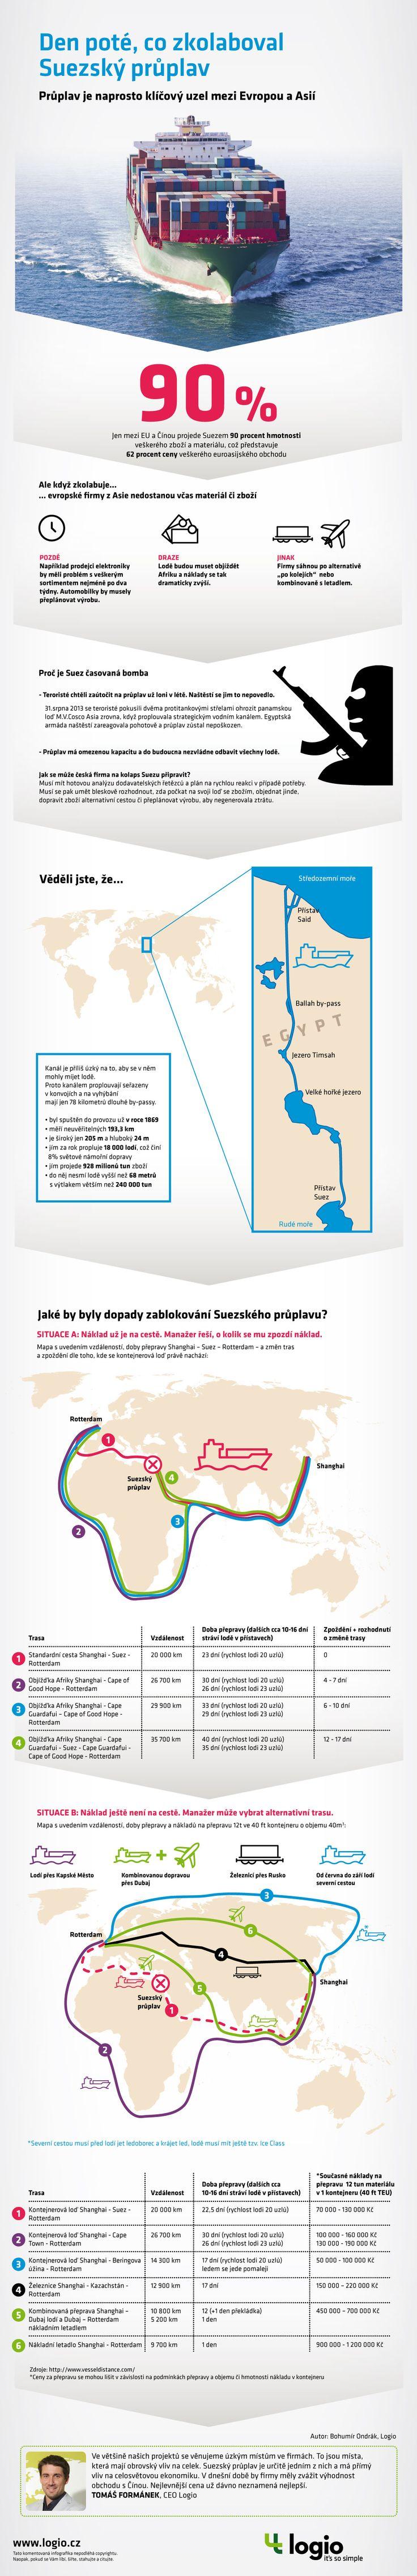 Logio - infografika - Co se stane den poté, co zkolaboval Suezský průplav?